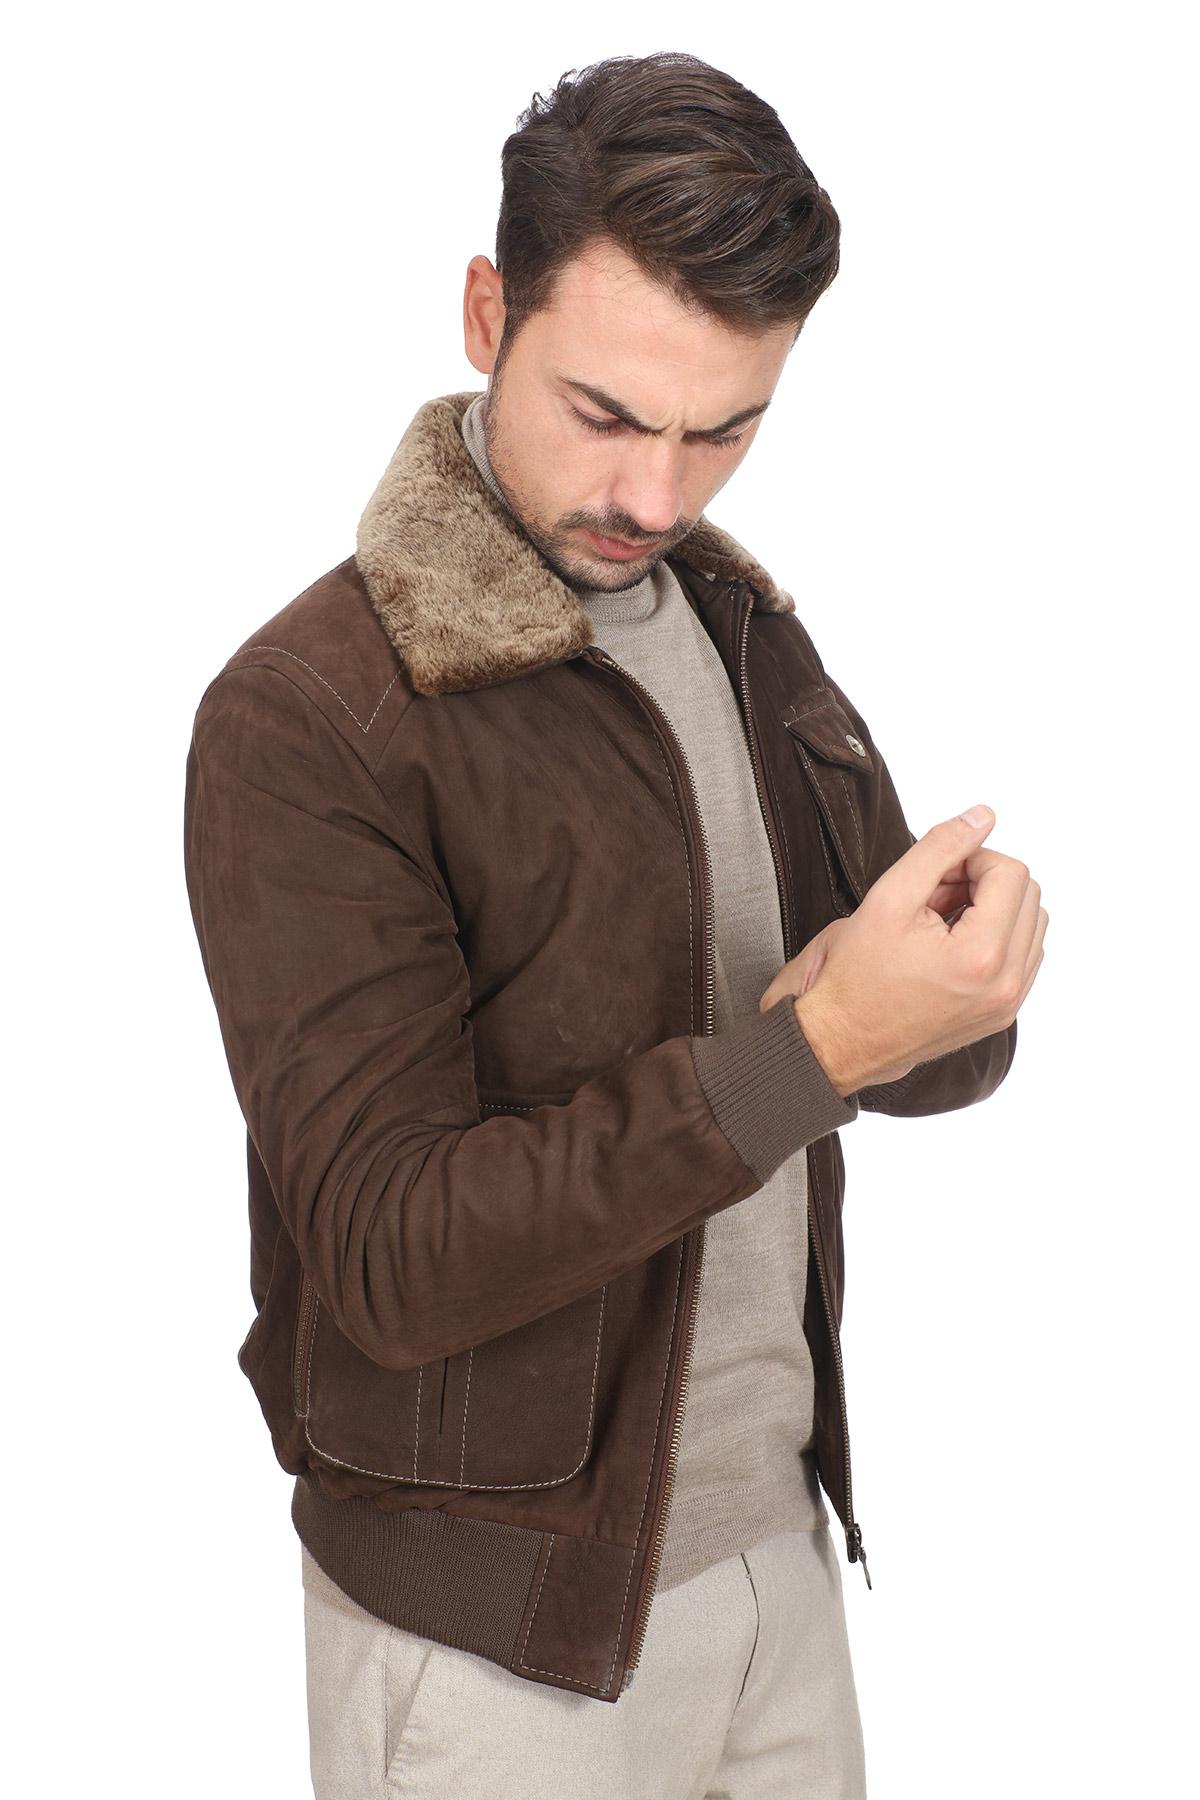 Vintage Saint Laurent Leather Jacket